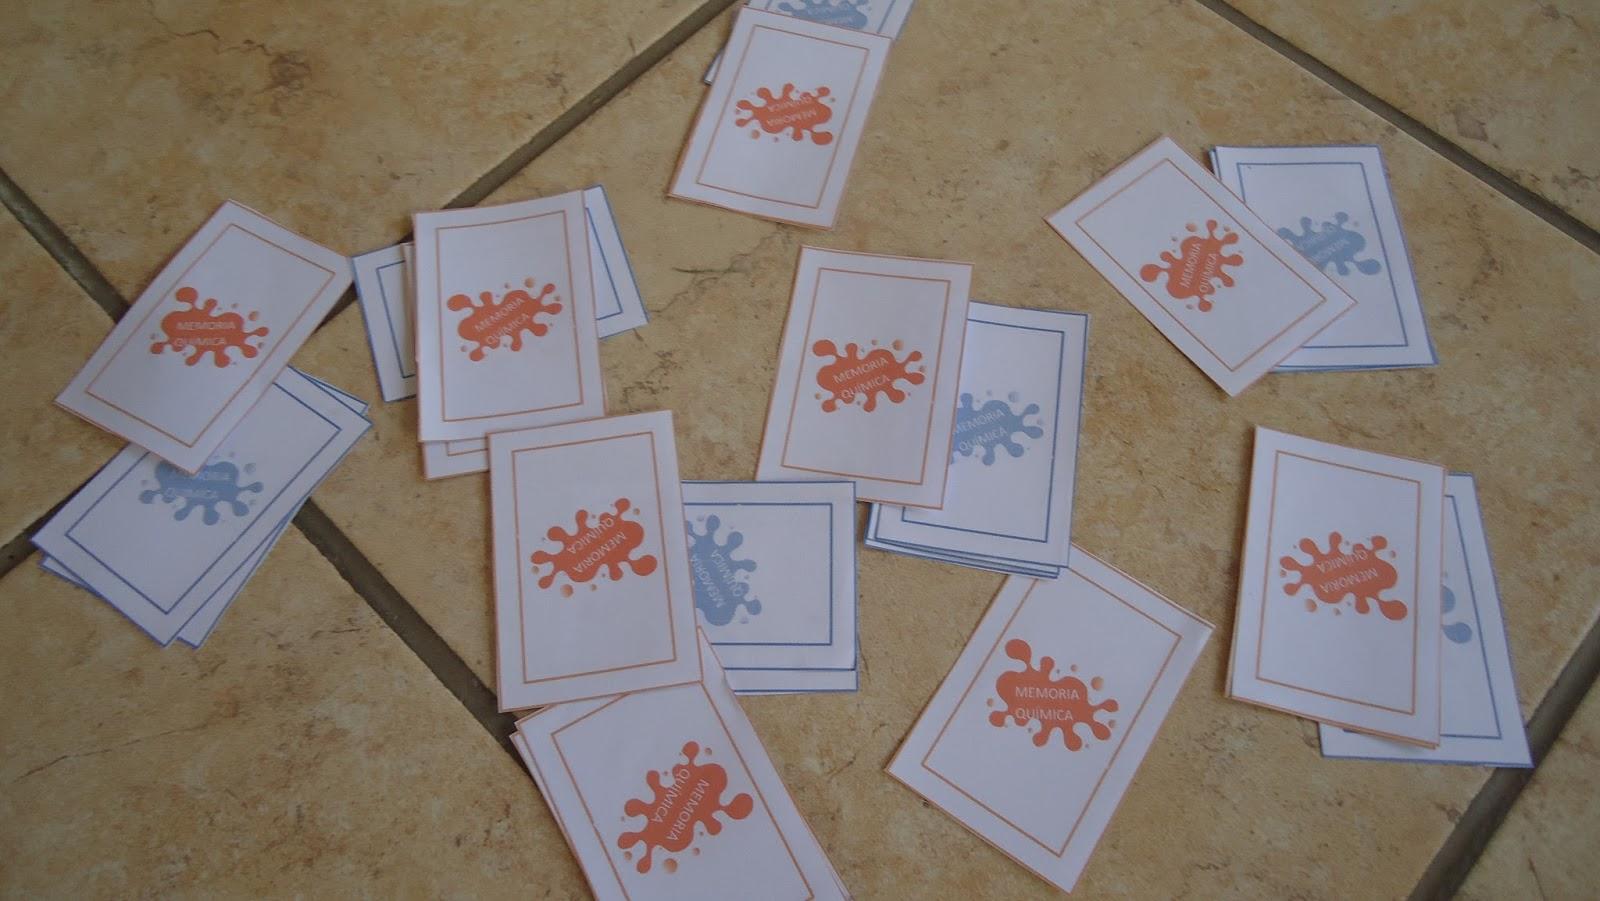 buena herramienta para introducir a los estudiantes en el aprendizaje de los elementos qumicos existentes y ordenados en la tabla peridica este juego - Tabla Periodica Juegos Didacticos